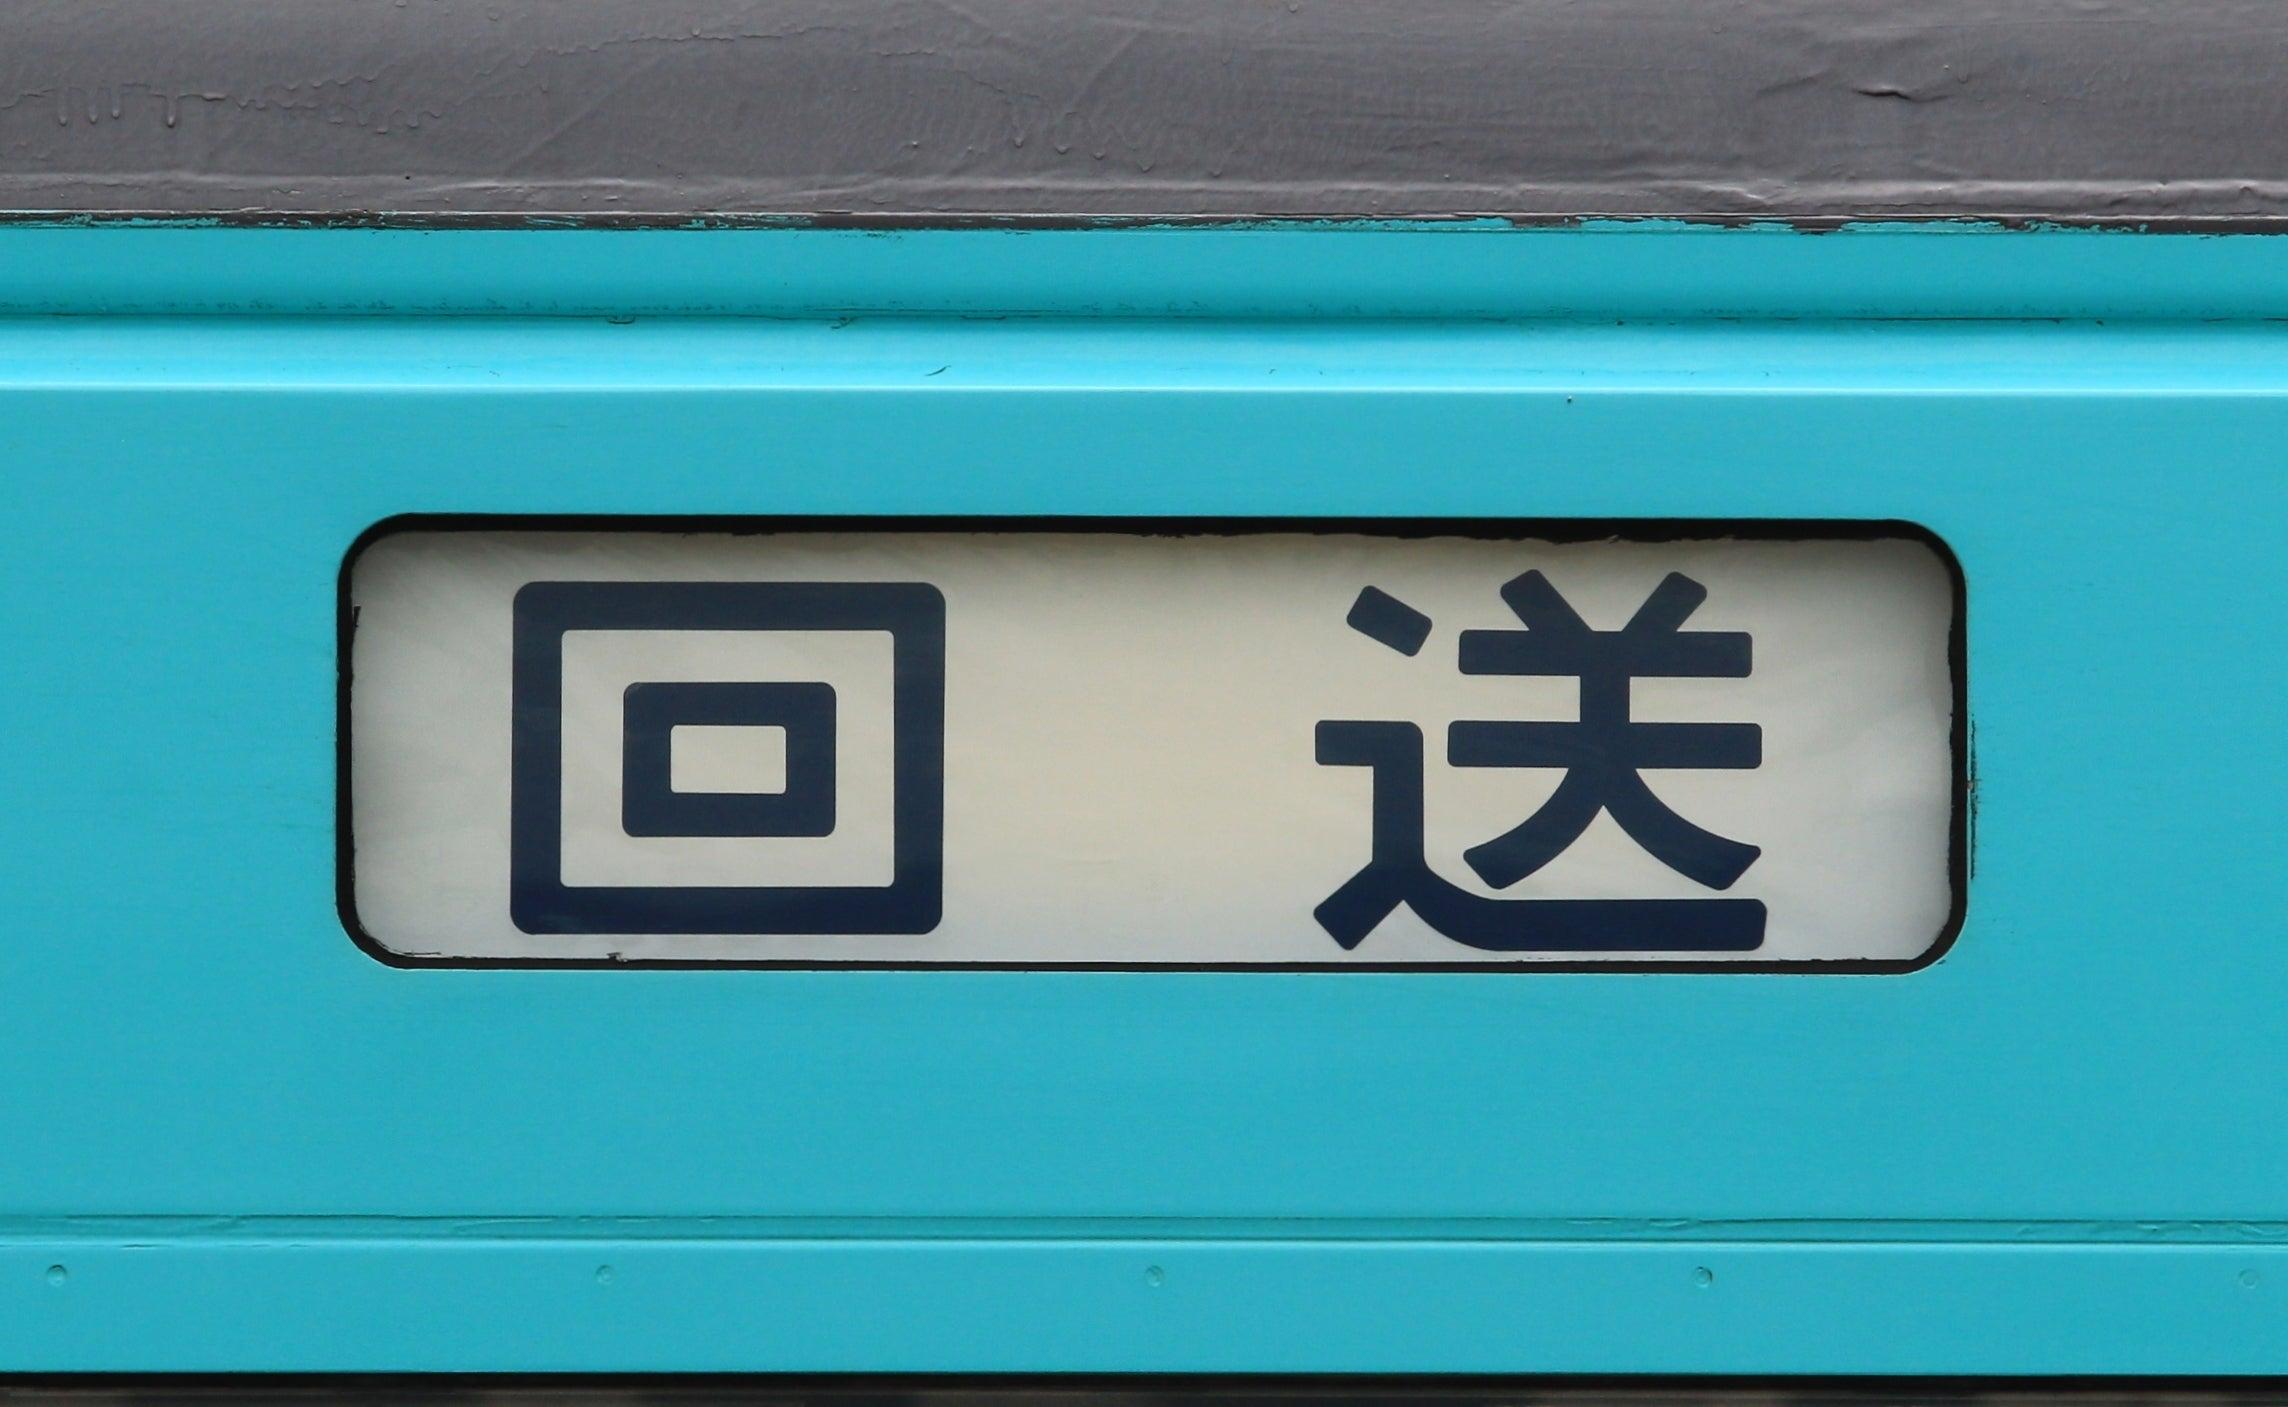 千葉の鉄道 Now & Then855) 改めて国鉄方向幕書体にハマる・・・「ニューなのはな」の幕 一覧